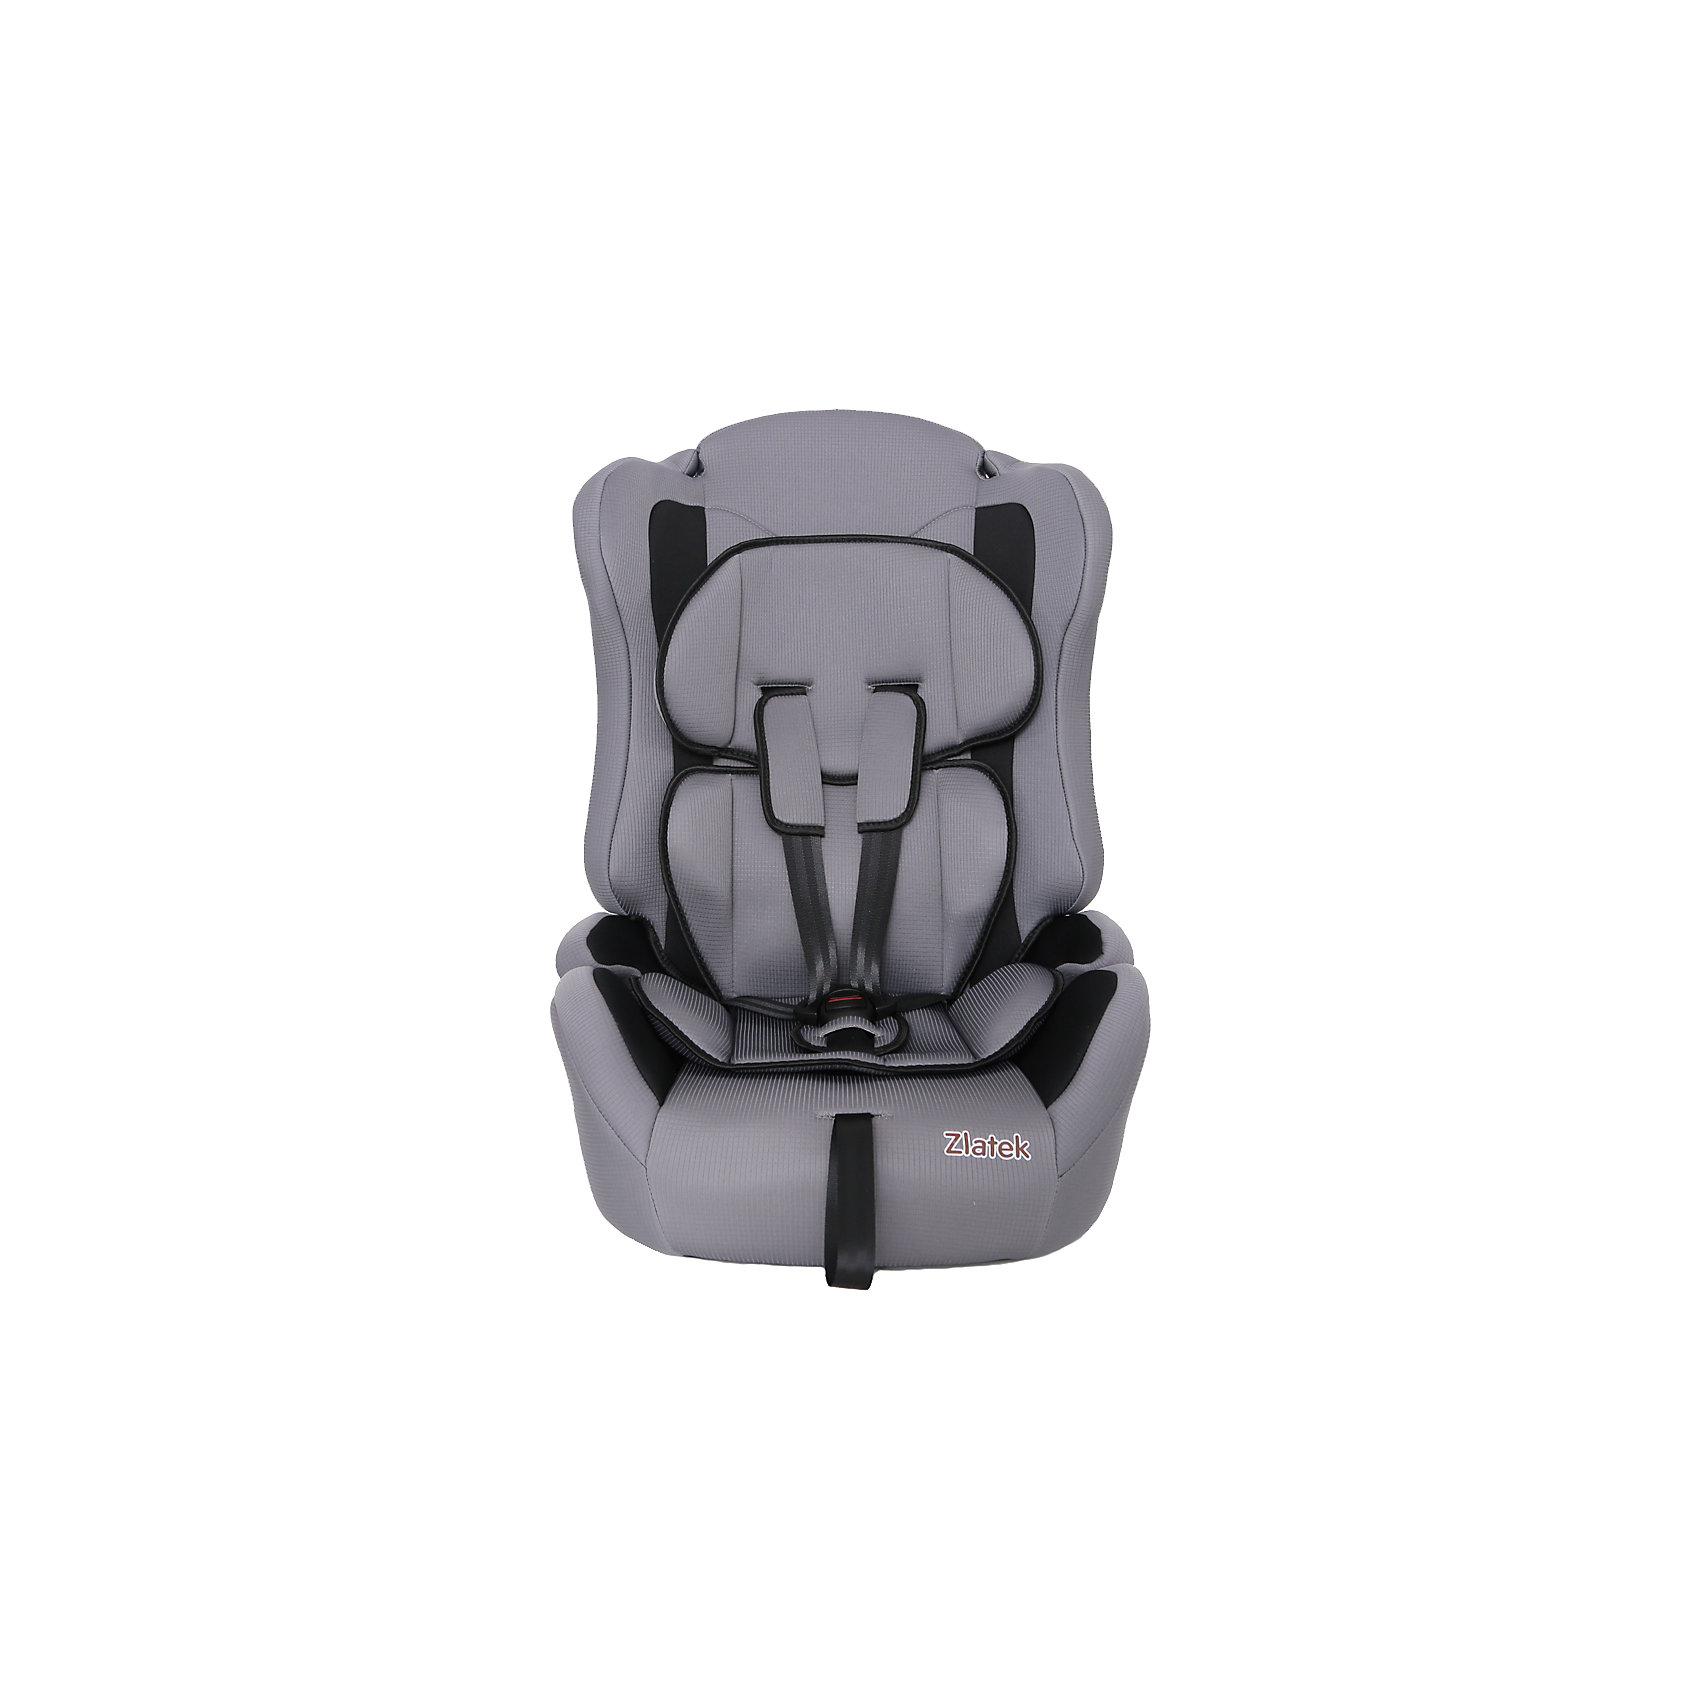 Автокресло Zlatek Atlantic Lux, 9-36 кг, серыйГруппа 1-2-3 (От 9 до 36 кг)<br>Детское автомобильное кресло «ZLATEK Atlantic LUX» предназначено для детей от 1 года до 12 лет весом от 9 до 36 кг. Отличительным свойством автокресла является его универсальность: по мере роста ребенка, кресло легко трансформируется в бустер. Кресло имеет мягкий съемный анатомический вкладыш и съемный чехол, изготовленный из гипоаллергенного материала. Для малышей от 1 года до 4 лет автокресло оборудовано внутренними пятиточечными ремнями, которые регулируются по высоте в зависимости от роста ребенка и по глубине, что очень удобно в зимнее время, когда ребенок одет в объемные зимние вещи. <br>Автокресло закрепляется в автомобиле при помощи штатных ремней. <br><br>Преимущества модели в области удобства:<br>мягкий анатомический вкладыш и накладки внутренних ремней обеспечивают максимальный комфорт ребенка;<br>укрепленная анатомическая спинка для удобства ребенка;<br>регулировка внутренних ремней по высоте в зависимости от роста ребенка;<br>двухпозиционная регулировка центральной лямки позволяет адаптировать внутренние ремни под зимнюю и летнюю одежду ребенка (для кресел, изготовленных литьевым способом);<br>износостойкий чехол легко снимается для стирки.<br>особая форма спинки надежно защищает от боковых ударов;<br>надежная система внутренних пятиточечных ремней с использованием специально разработанных ременных лент российского производства;<br>замок ремней с мягим клапаном и защитой от неправильного использования;<br>нетоксичный гипоаллергенный материал безопасен для малыша;<br>фиксатор для корректировки прохождения штатного ремня безопасности по плечу ребенка в возрасте от 6-ти лет.<br>Общие характеристики:<br>Группа применения: 1/2/3.<br>Возраст ребенка: 1-12 лет.<br>Вес ребенка: 9-36 кг.<br>Габариты кресла, ширина/ глубина/ высота, см: 41/47/68.<br>Габариты посадочного места, ширина/ глубина, см: 34/35.<br>Вес кресла, кг: 5 кг.<br><br>Ширина мм: 470<br>Глубина мм: 410<br>Высота мм: 680